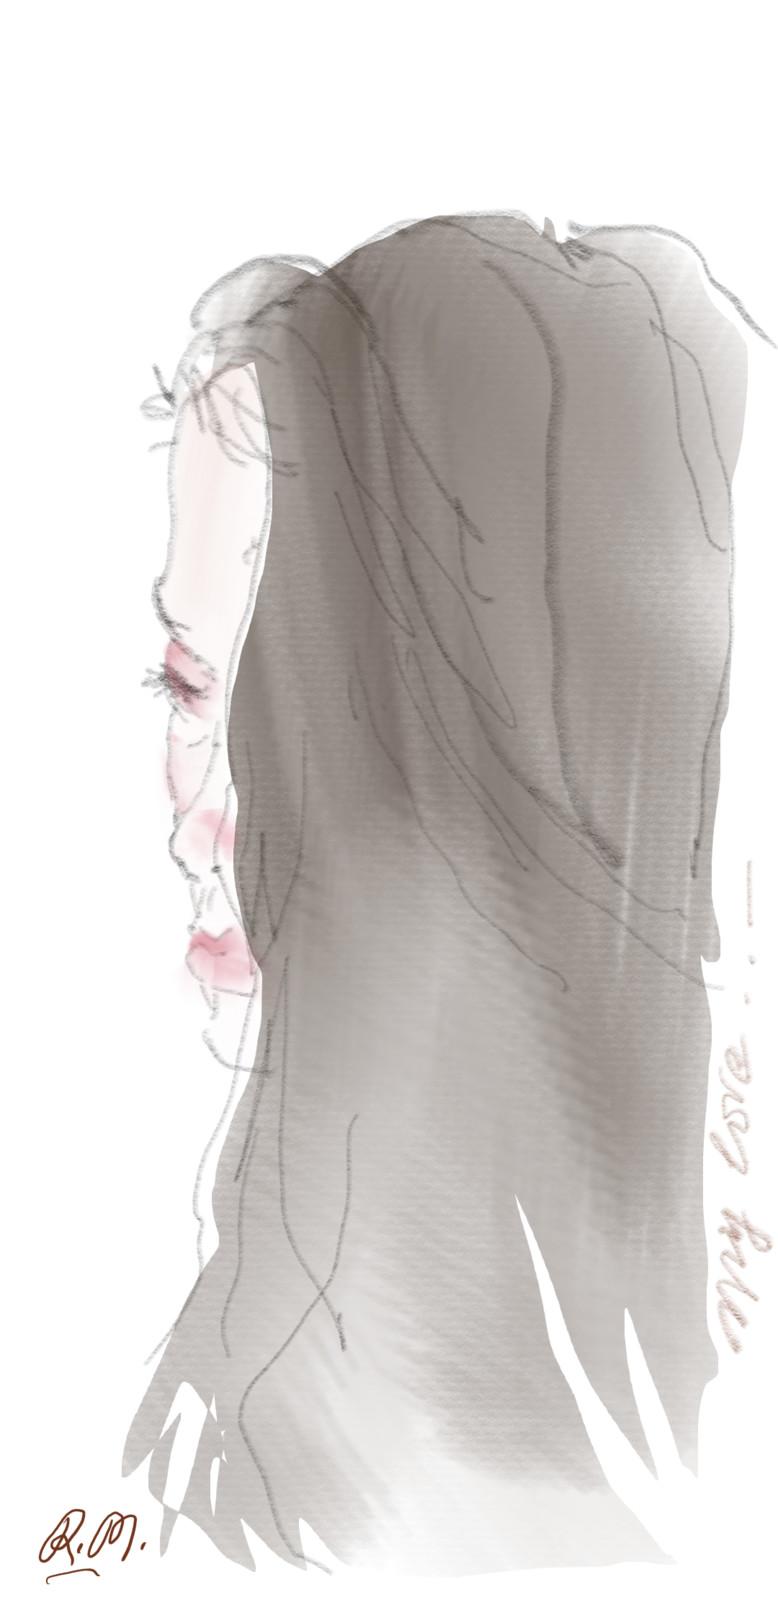 Note8 drawings